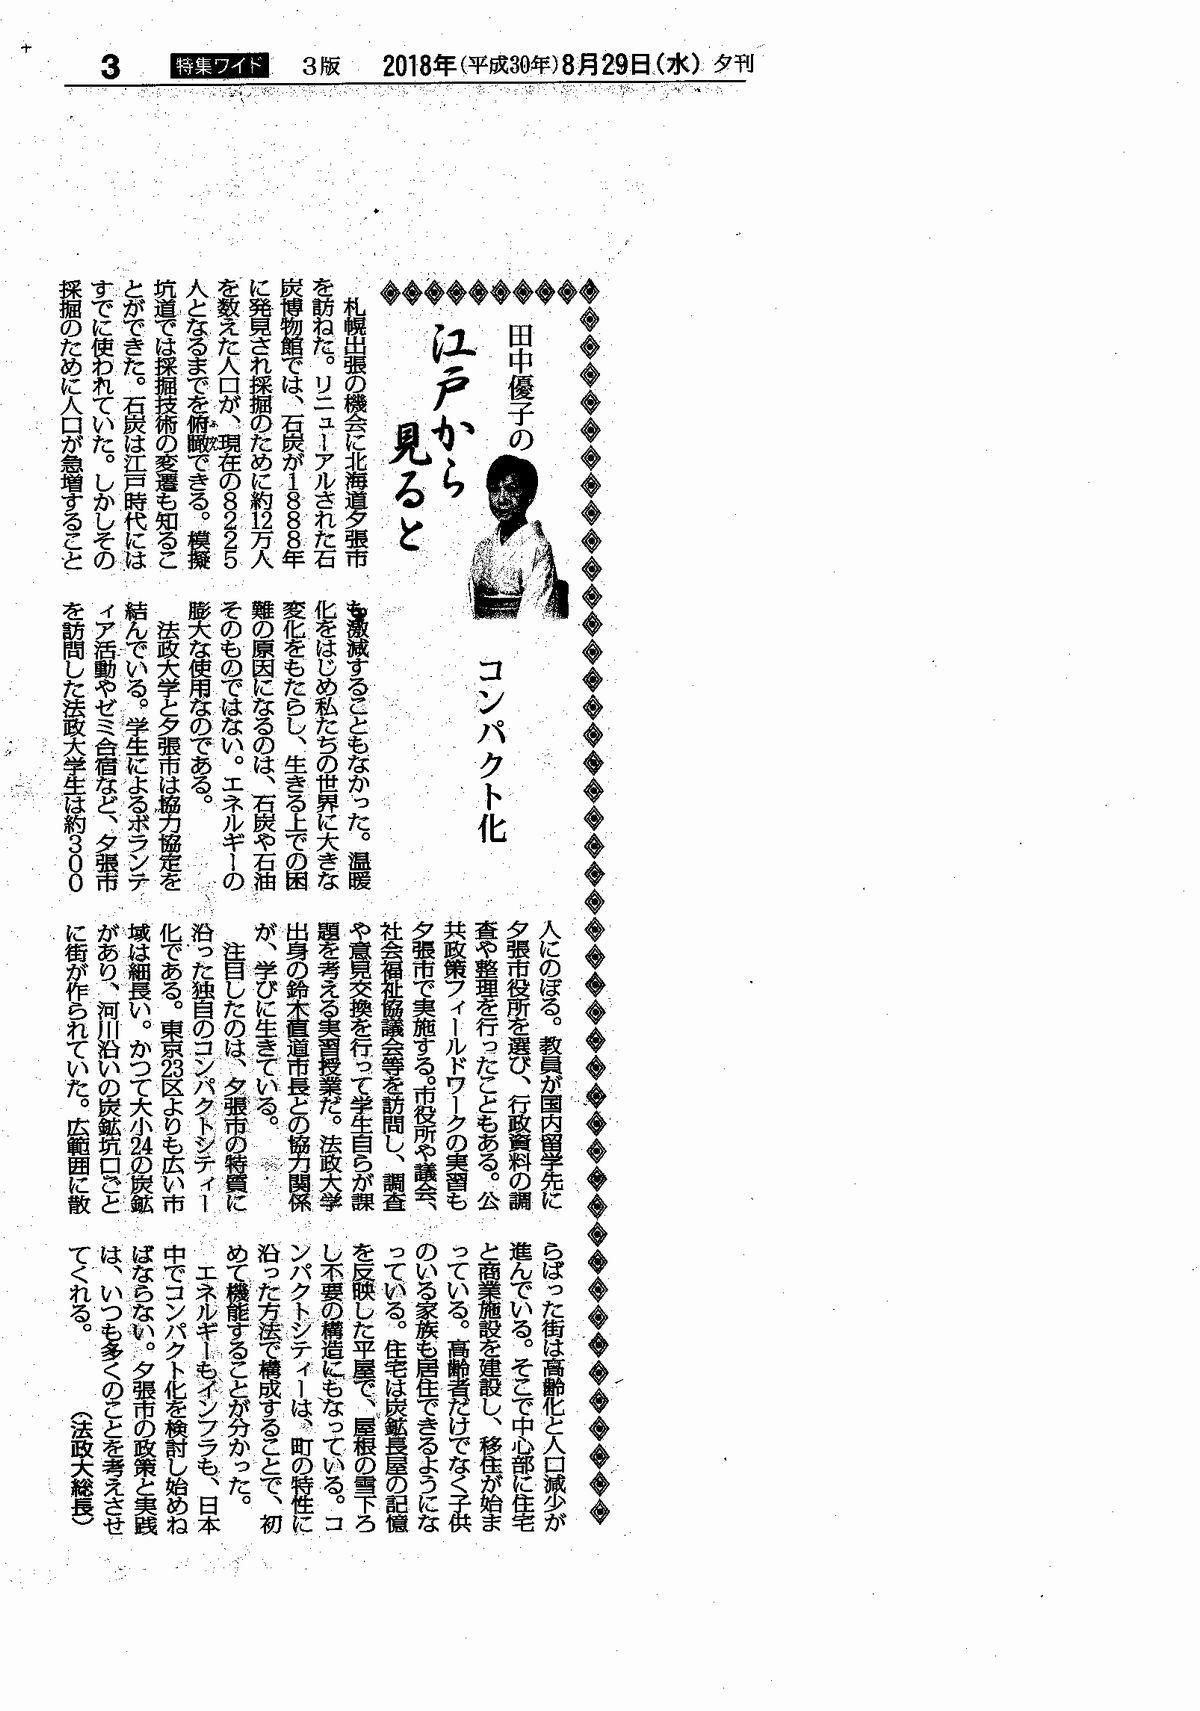 20180830っ毎日江戸から学ぶ.jpg